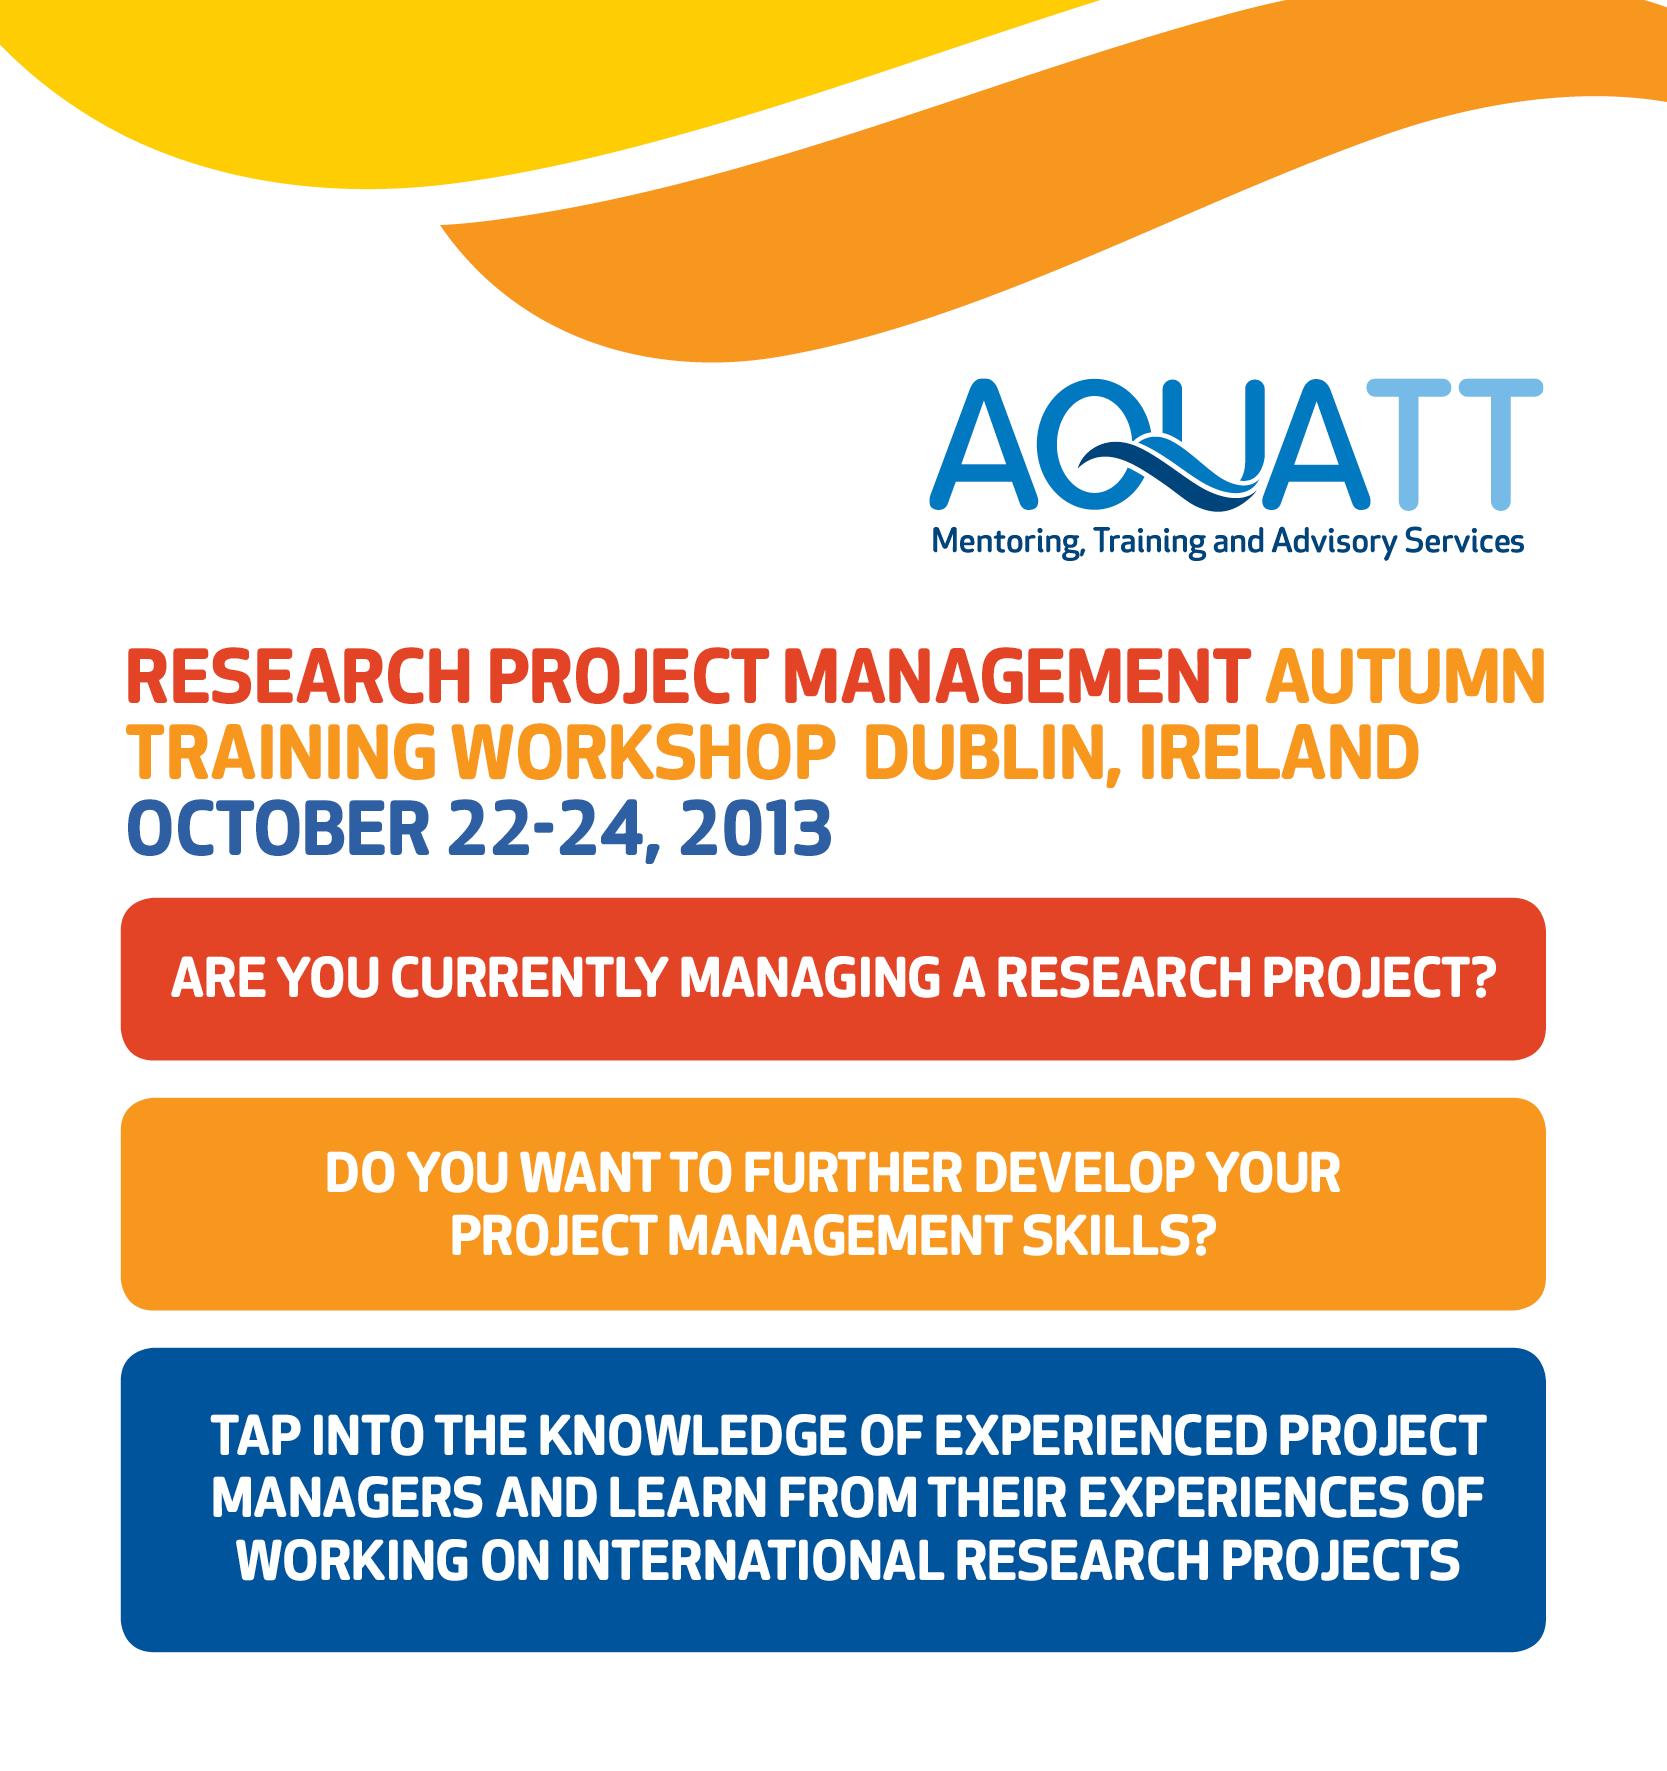 Aquatt Training Web page